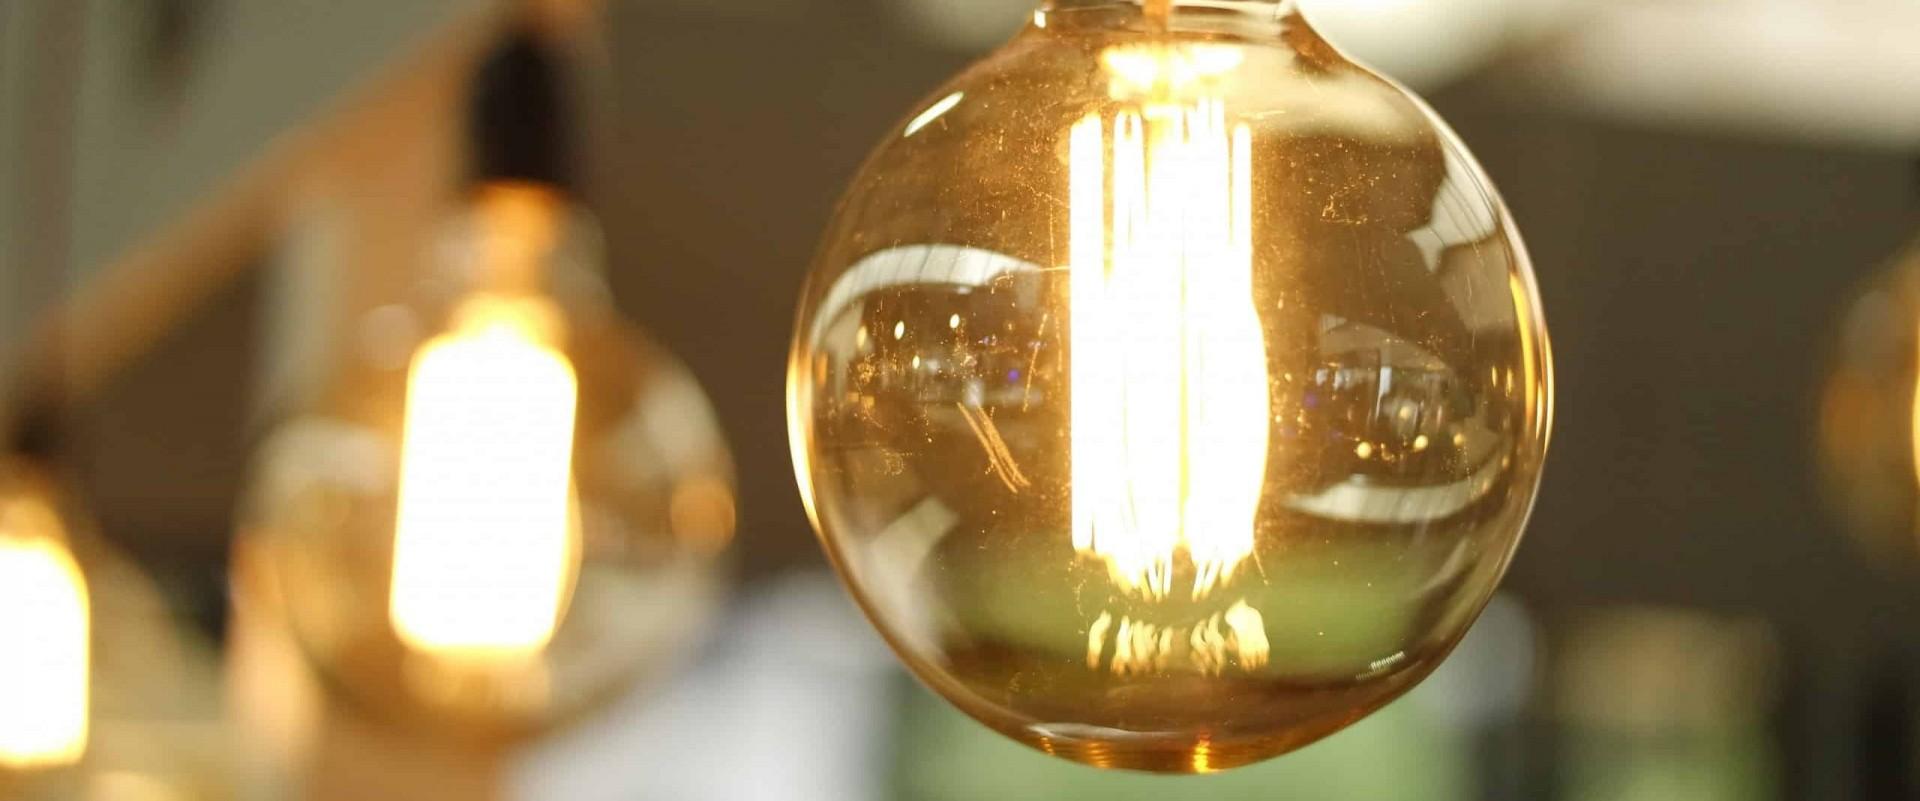 Aanzienlijke stijging energiebelastingen